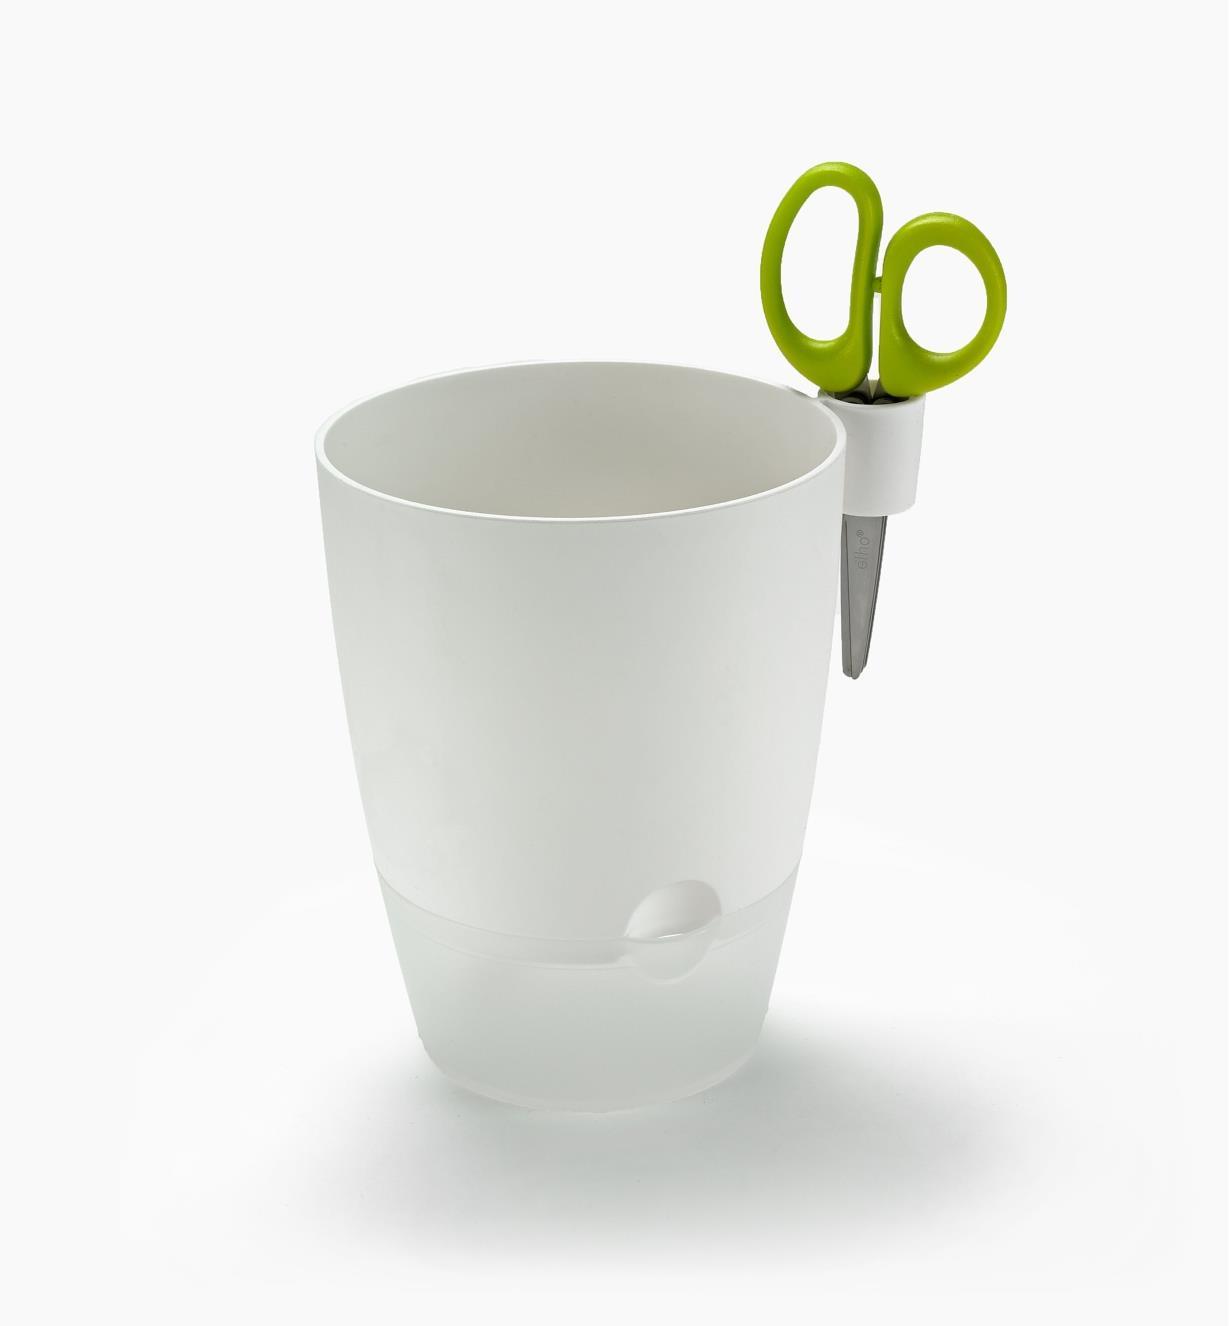 XB720W - Pot pour fines herbes Elho, blanc